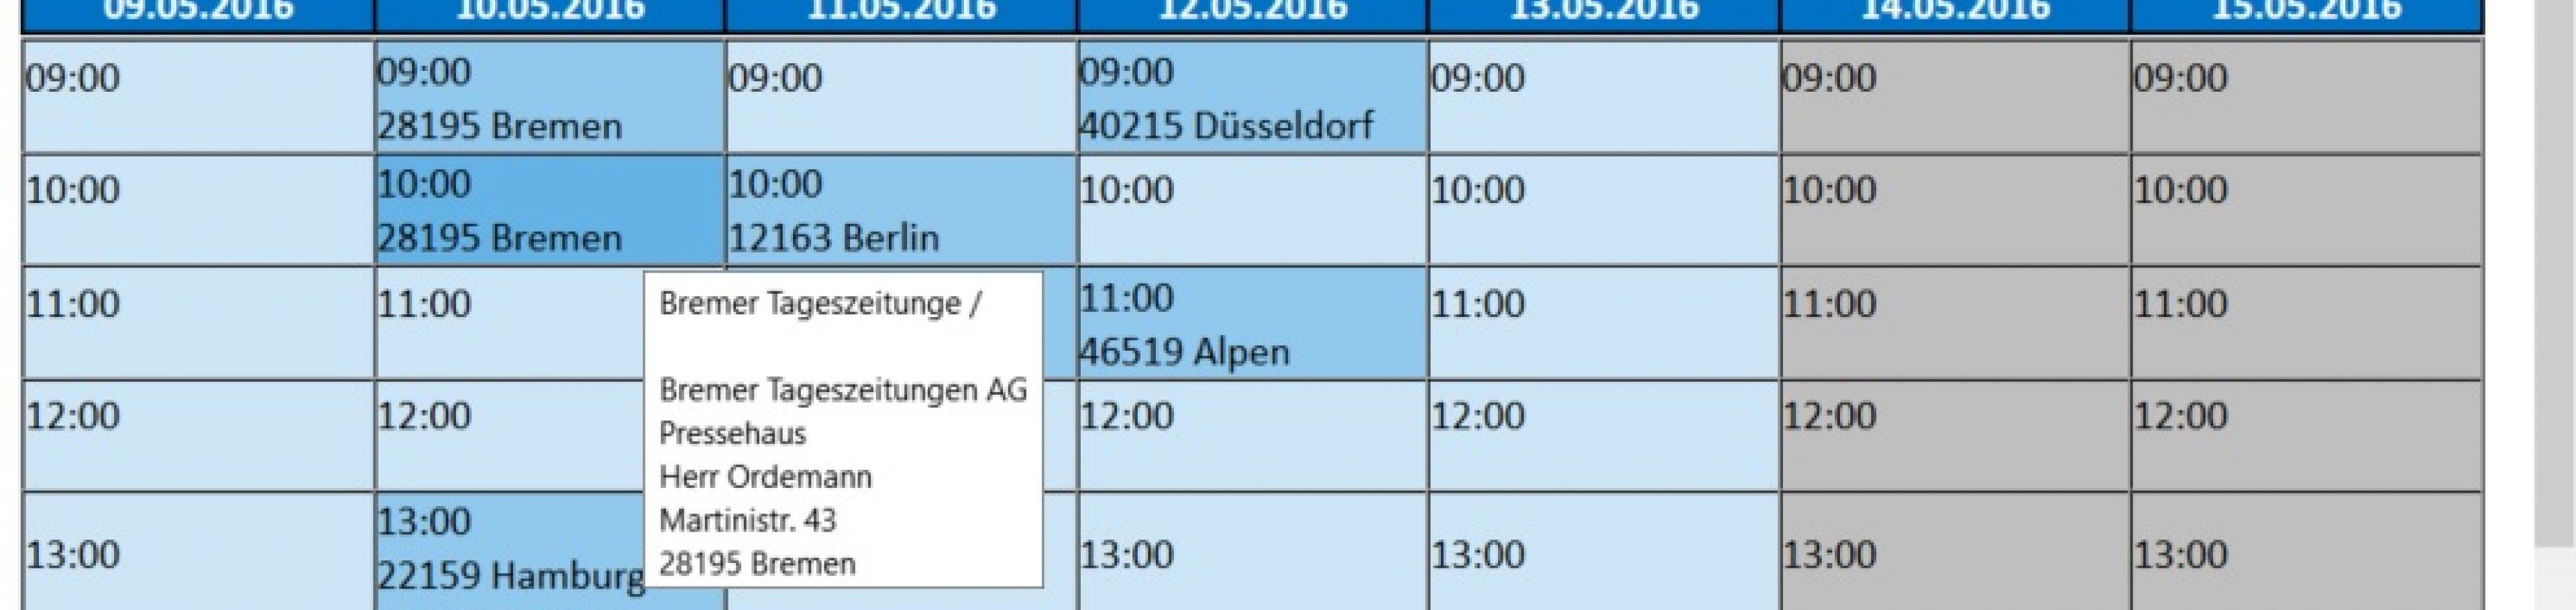 AG-VIP SQL: Online Kalender für Aussendienst Mitarbeiter für die telefonische Terminvereinbarung